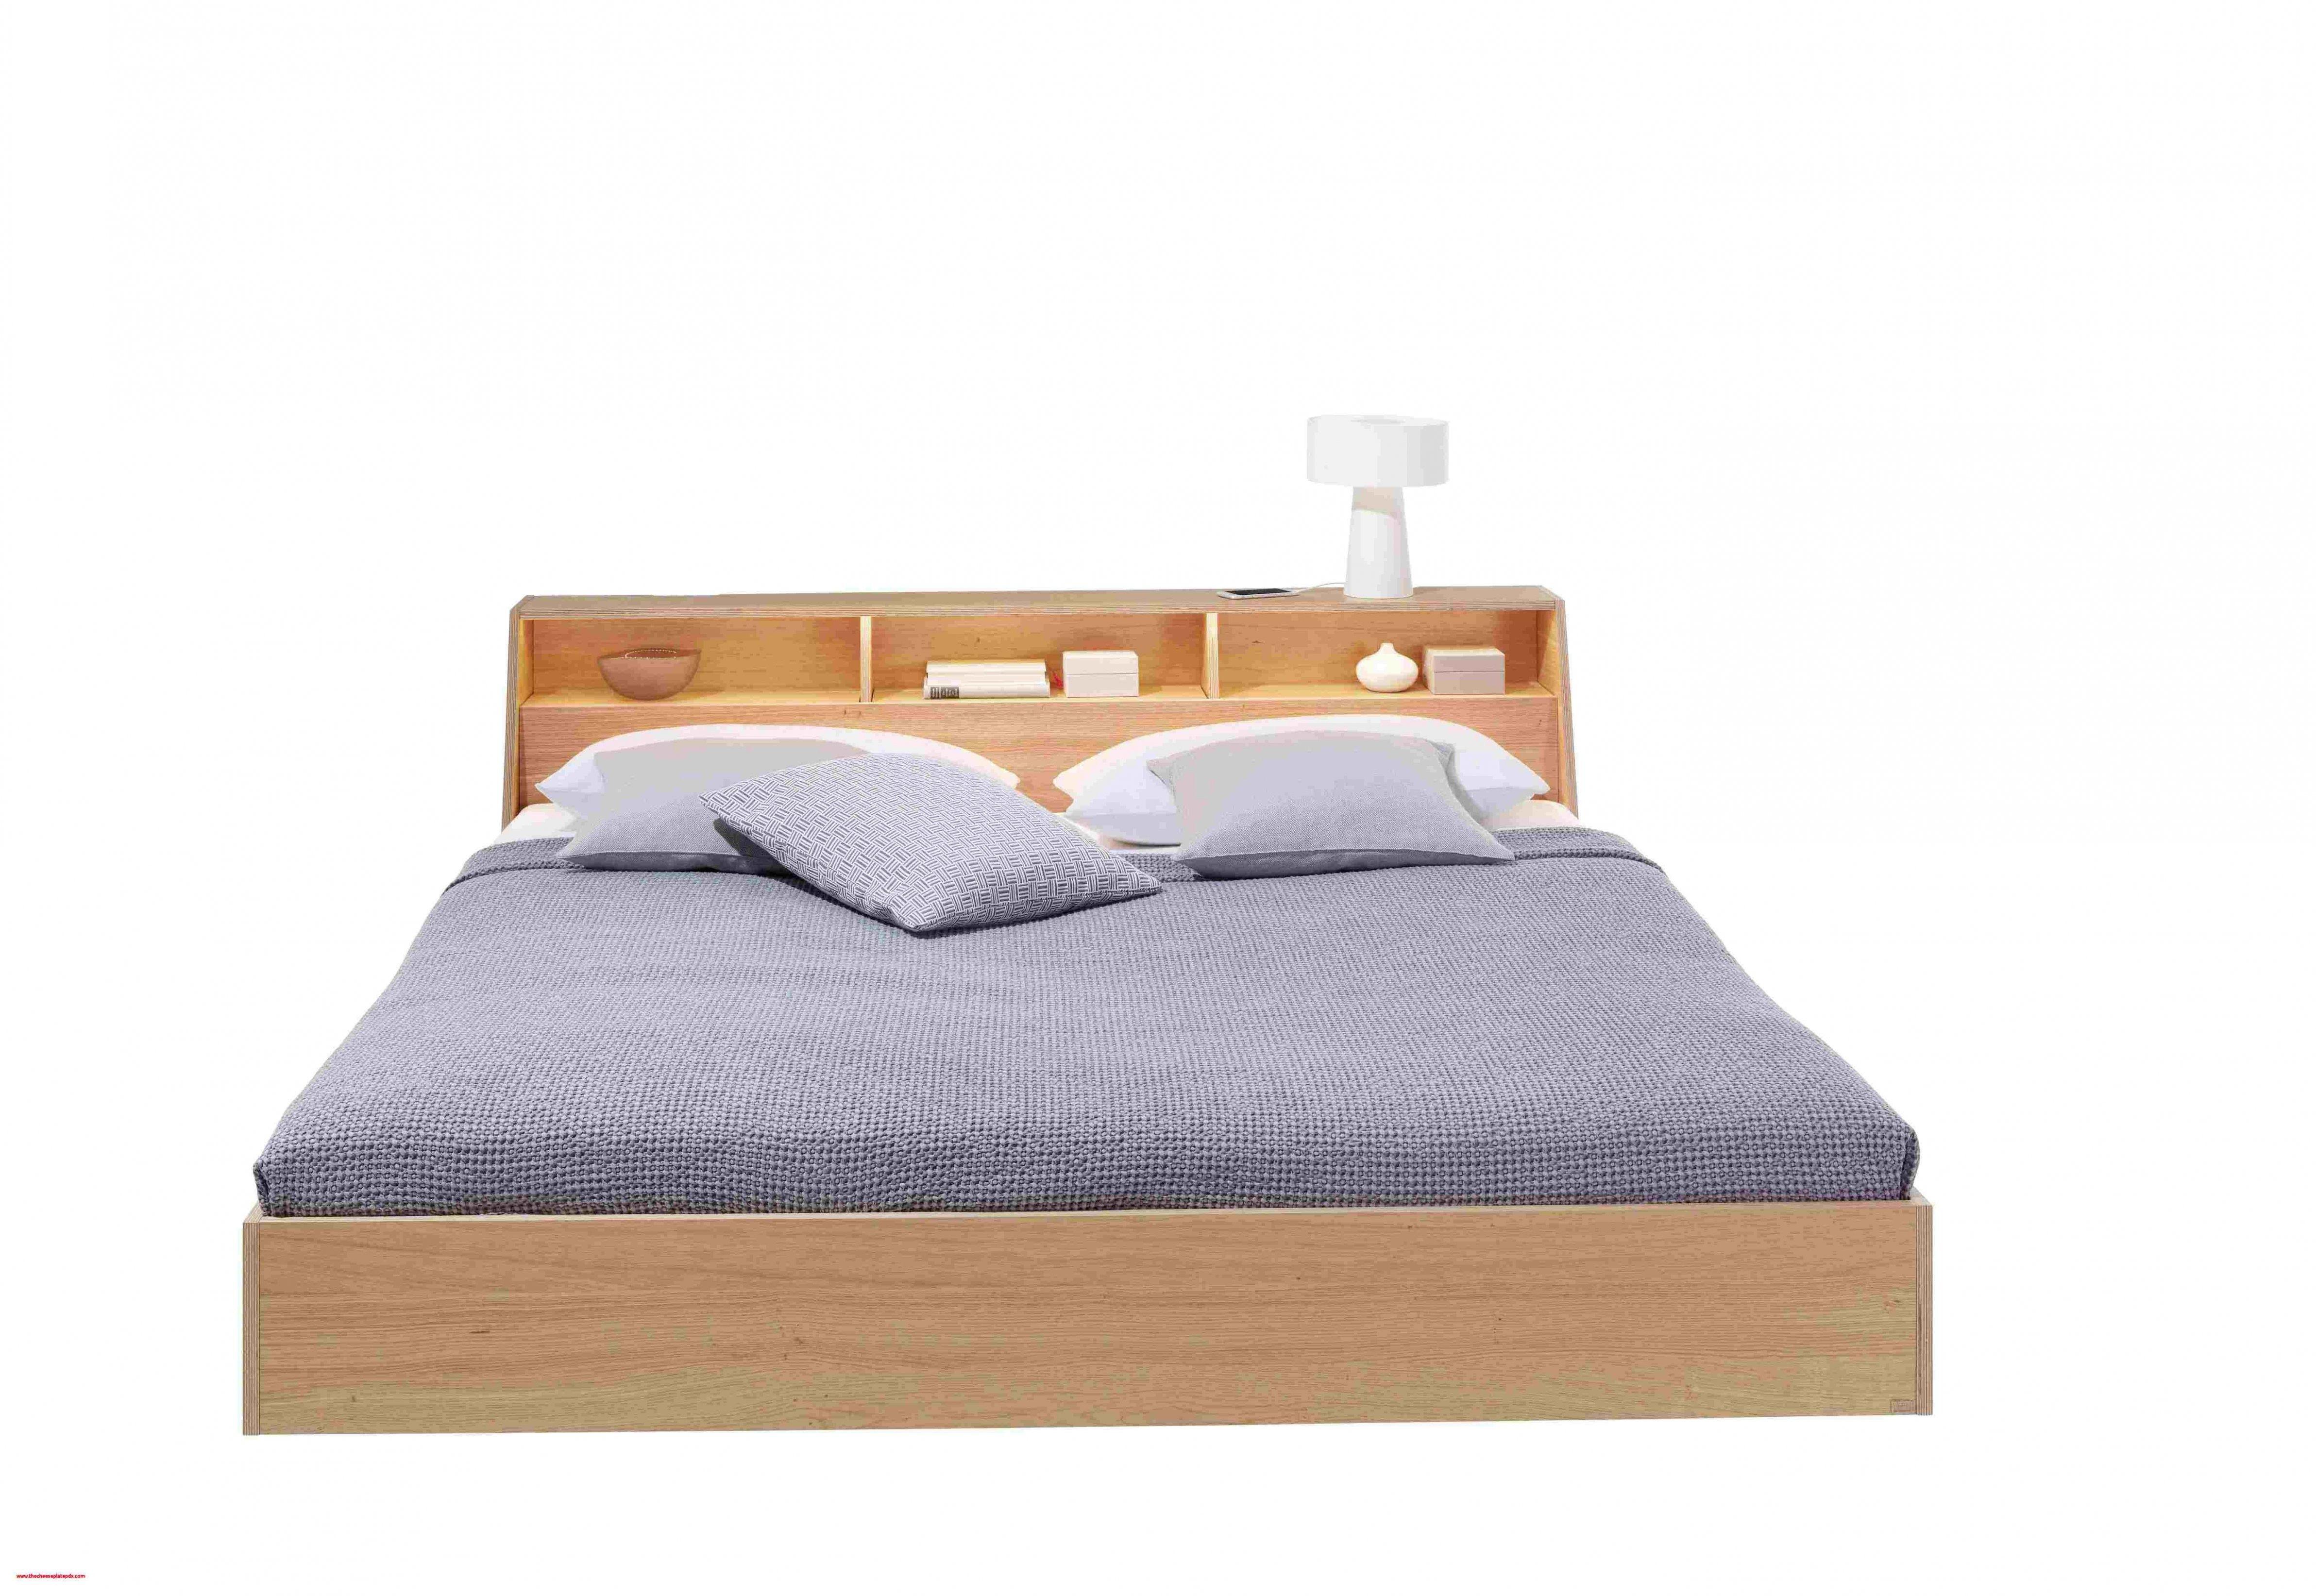 Bett 120x200 Ikea To Von Komplett Bett 120x20 In 2020 Schlafzimmermobel Schlafzimmer Bett 120x200